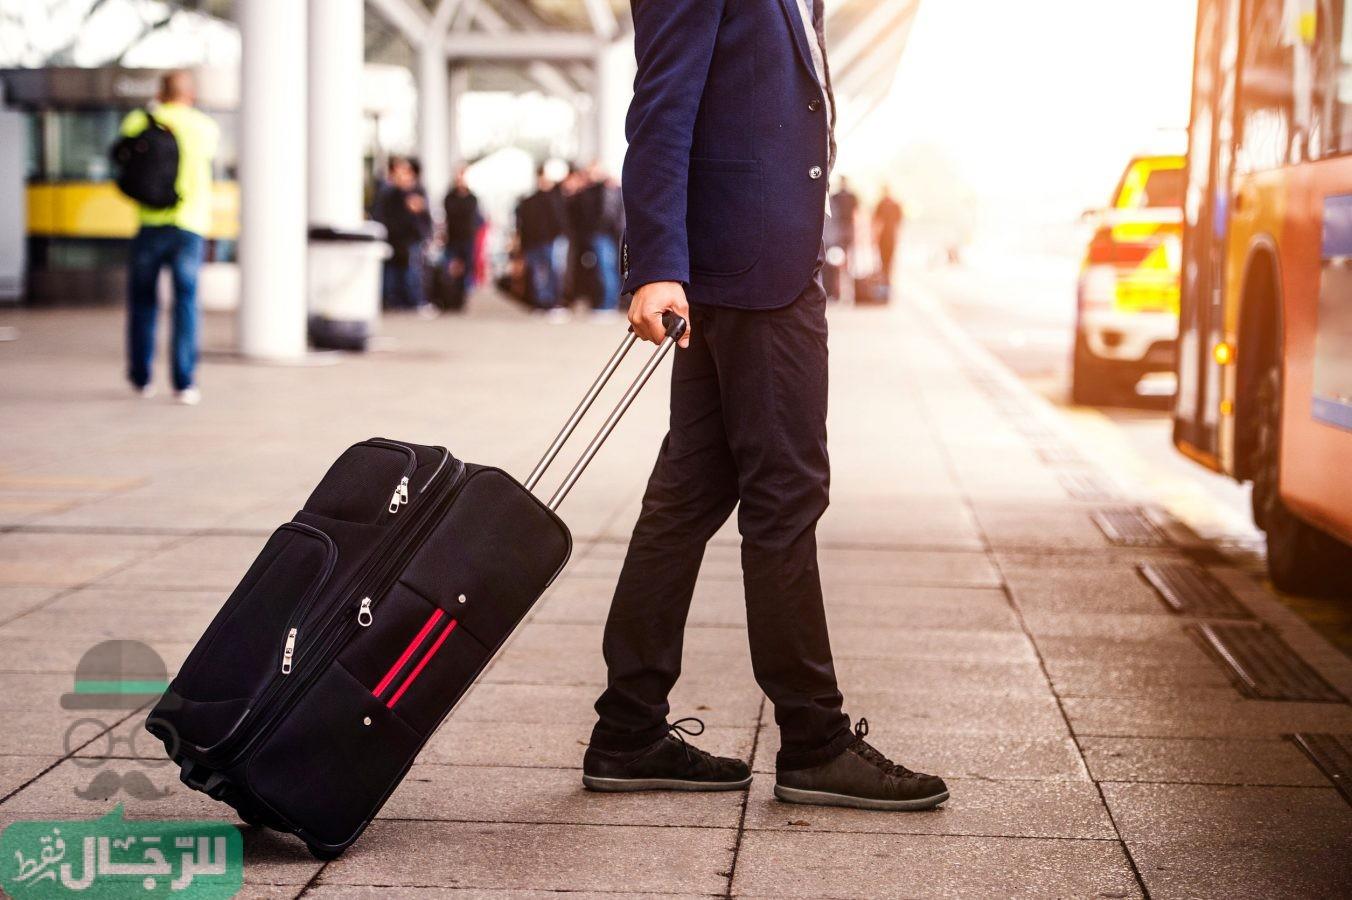 efd01f6834010 إجراءات قبل السفر من المطار بالتفصيل بداية بالوصول وحتى المغادرة ...